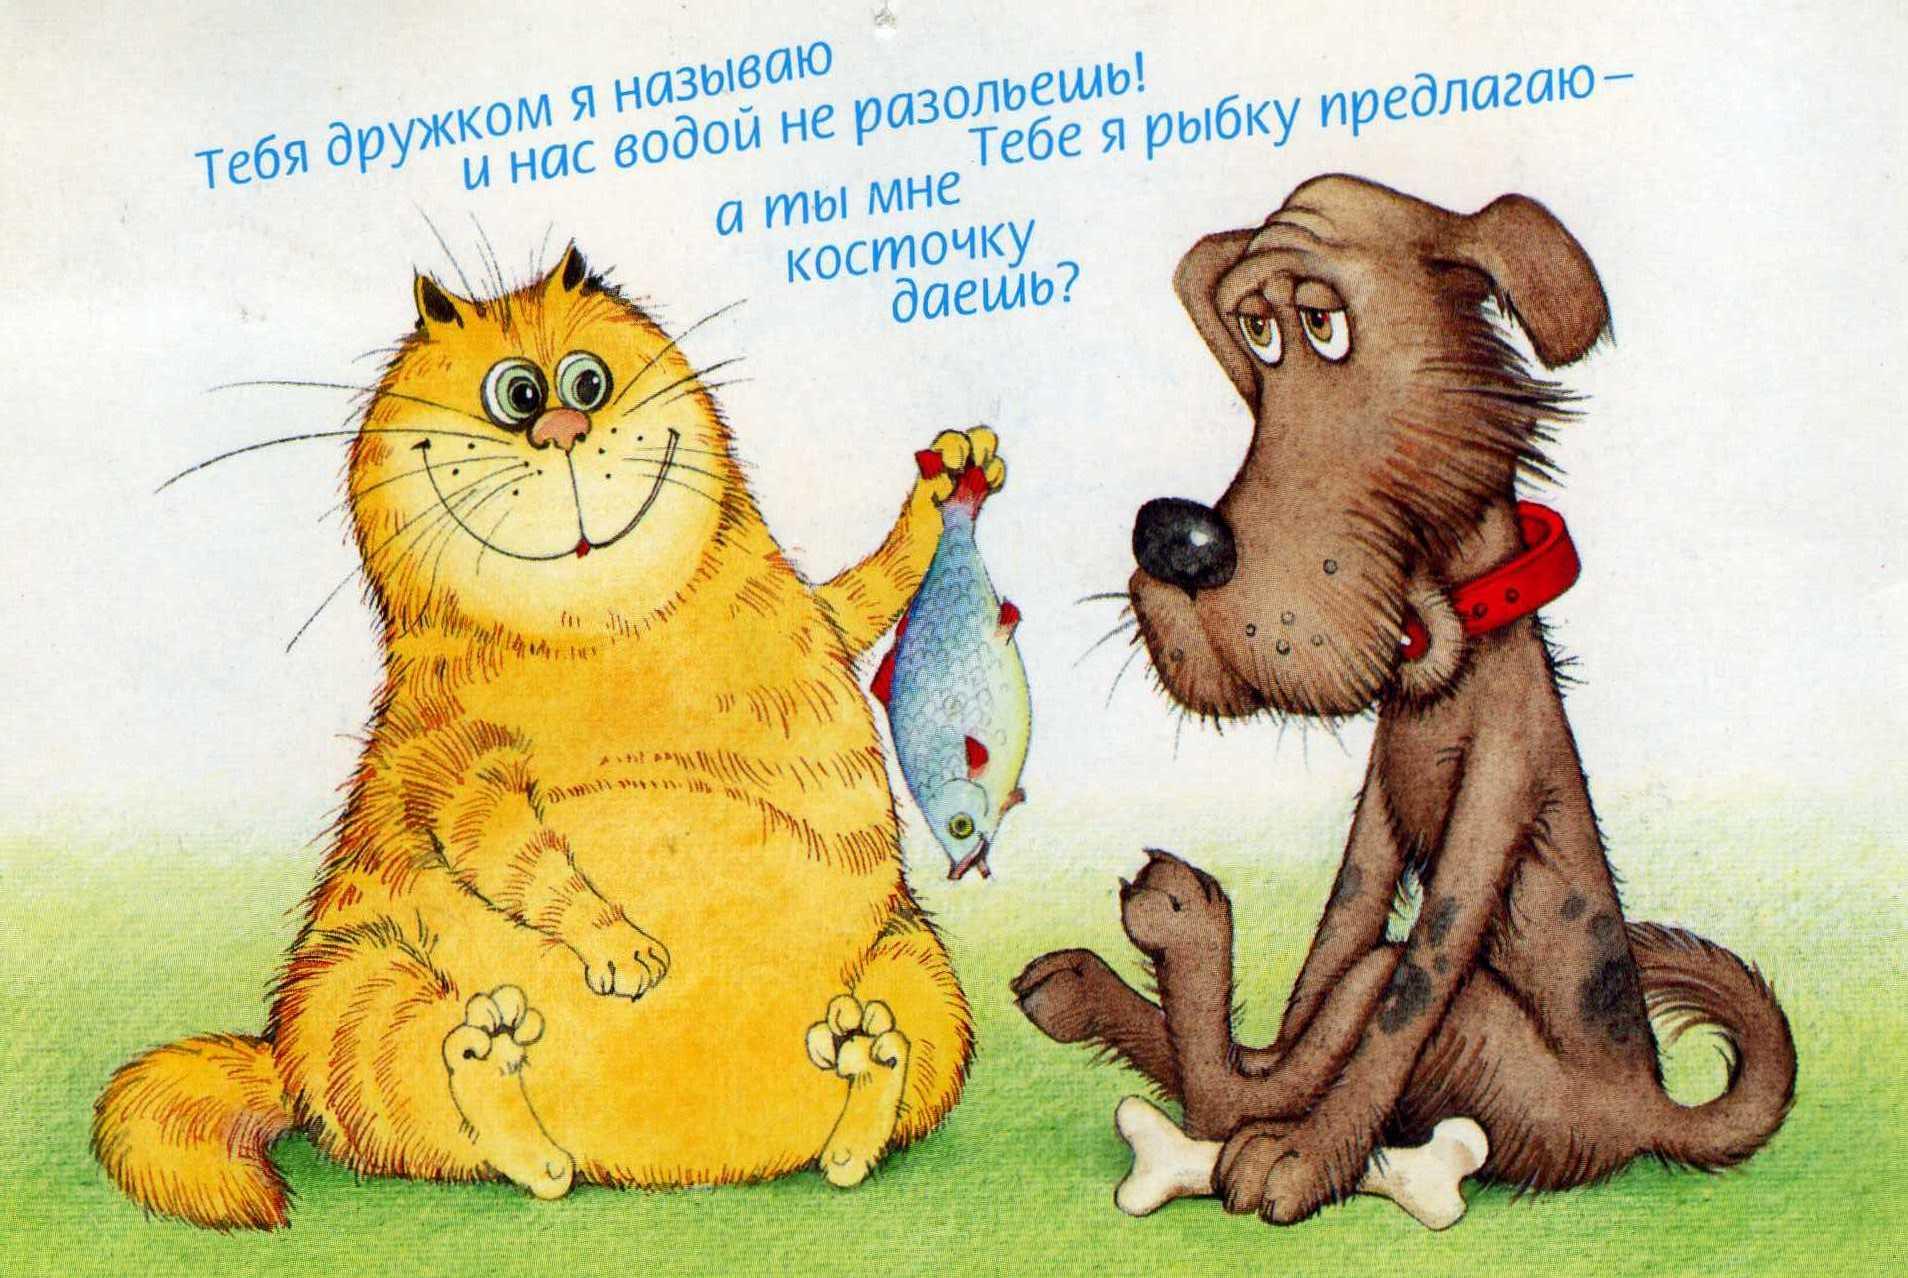 Смешные весёлые открытки 82